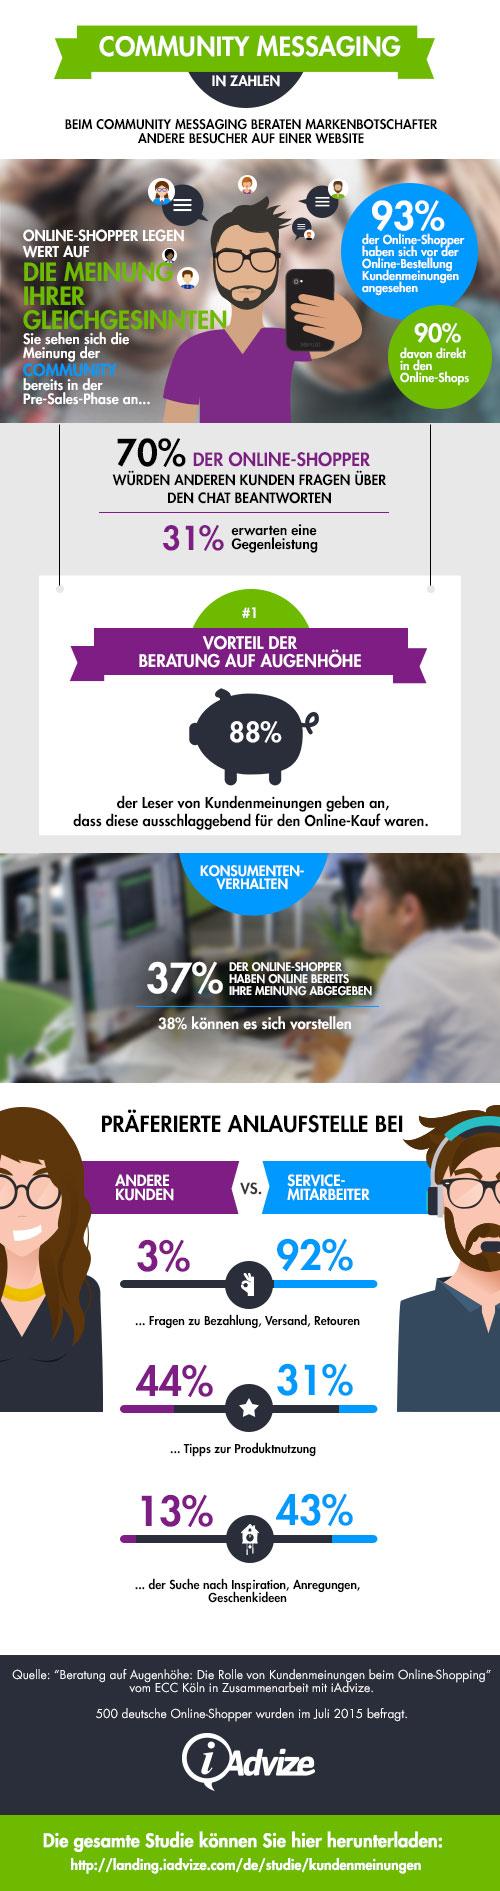 Infografik zu den Kundenmeinungen im ECommerce